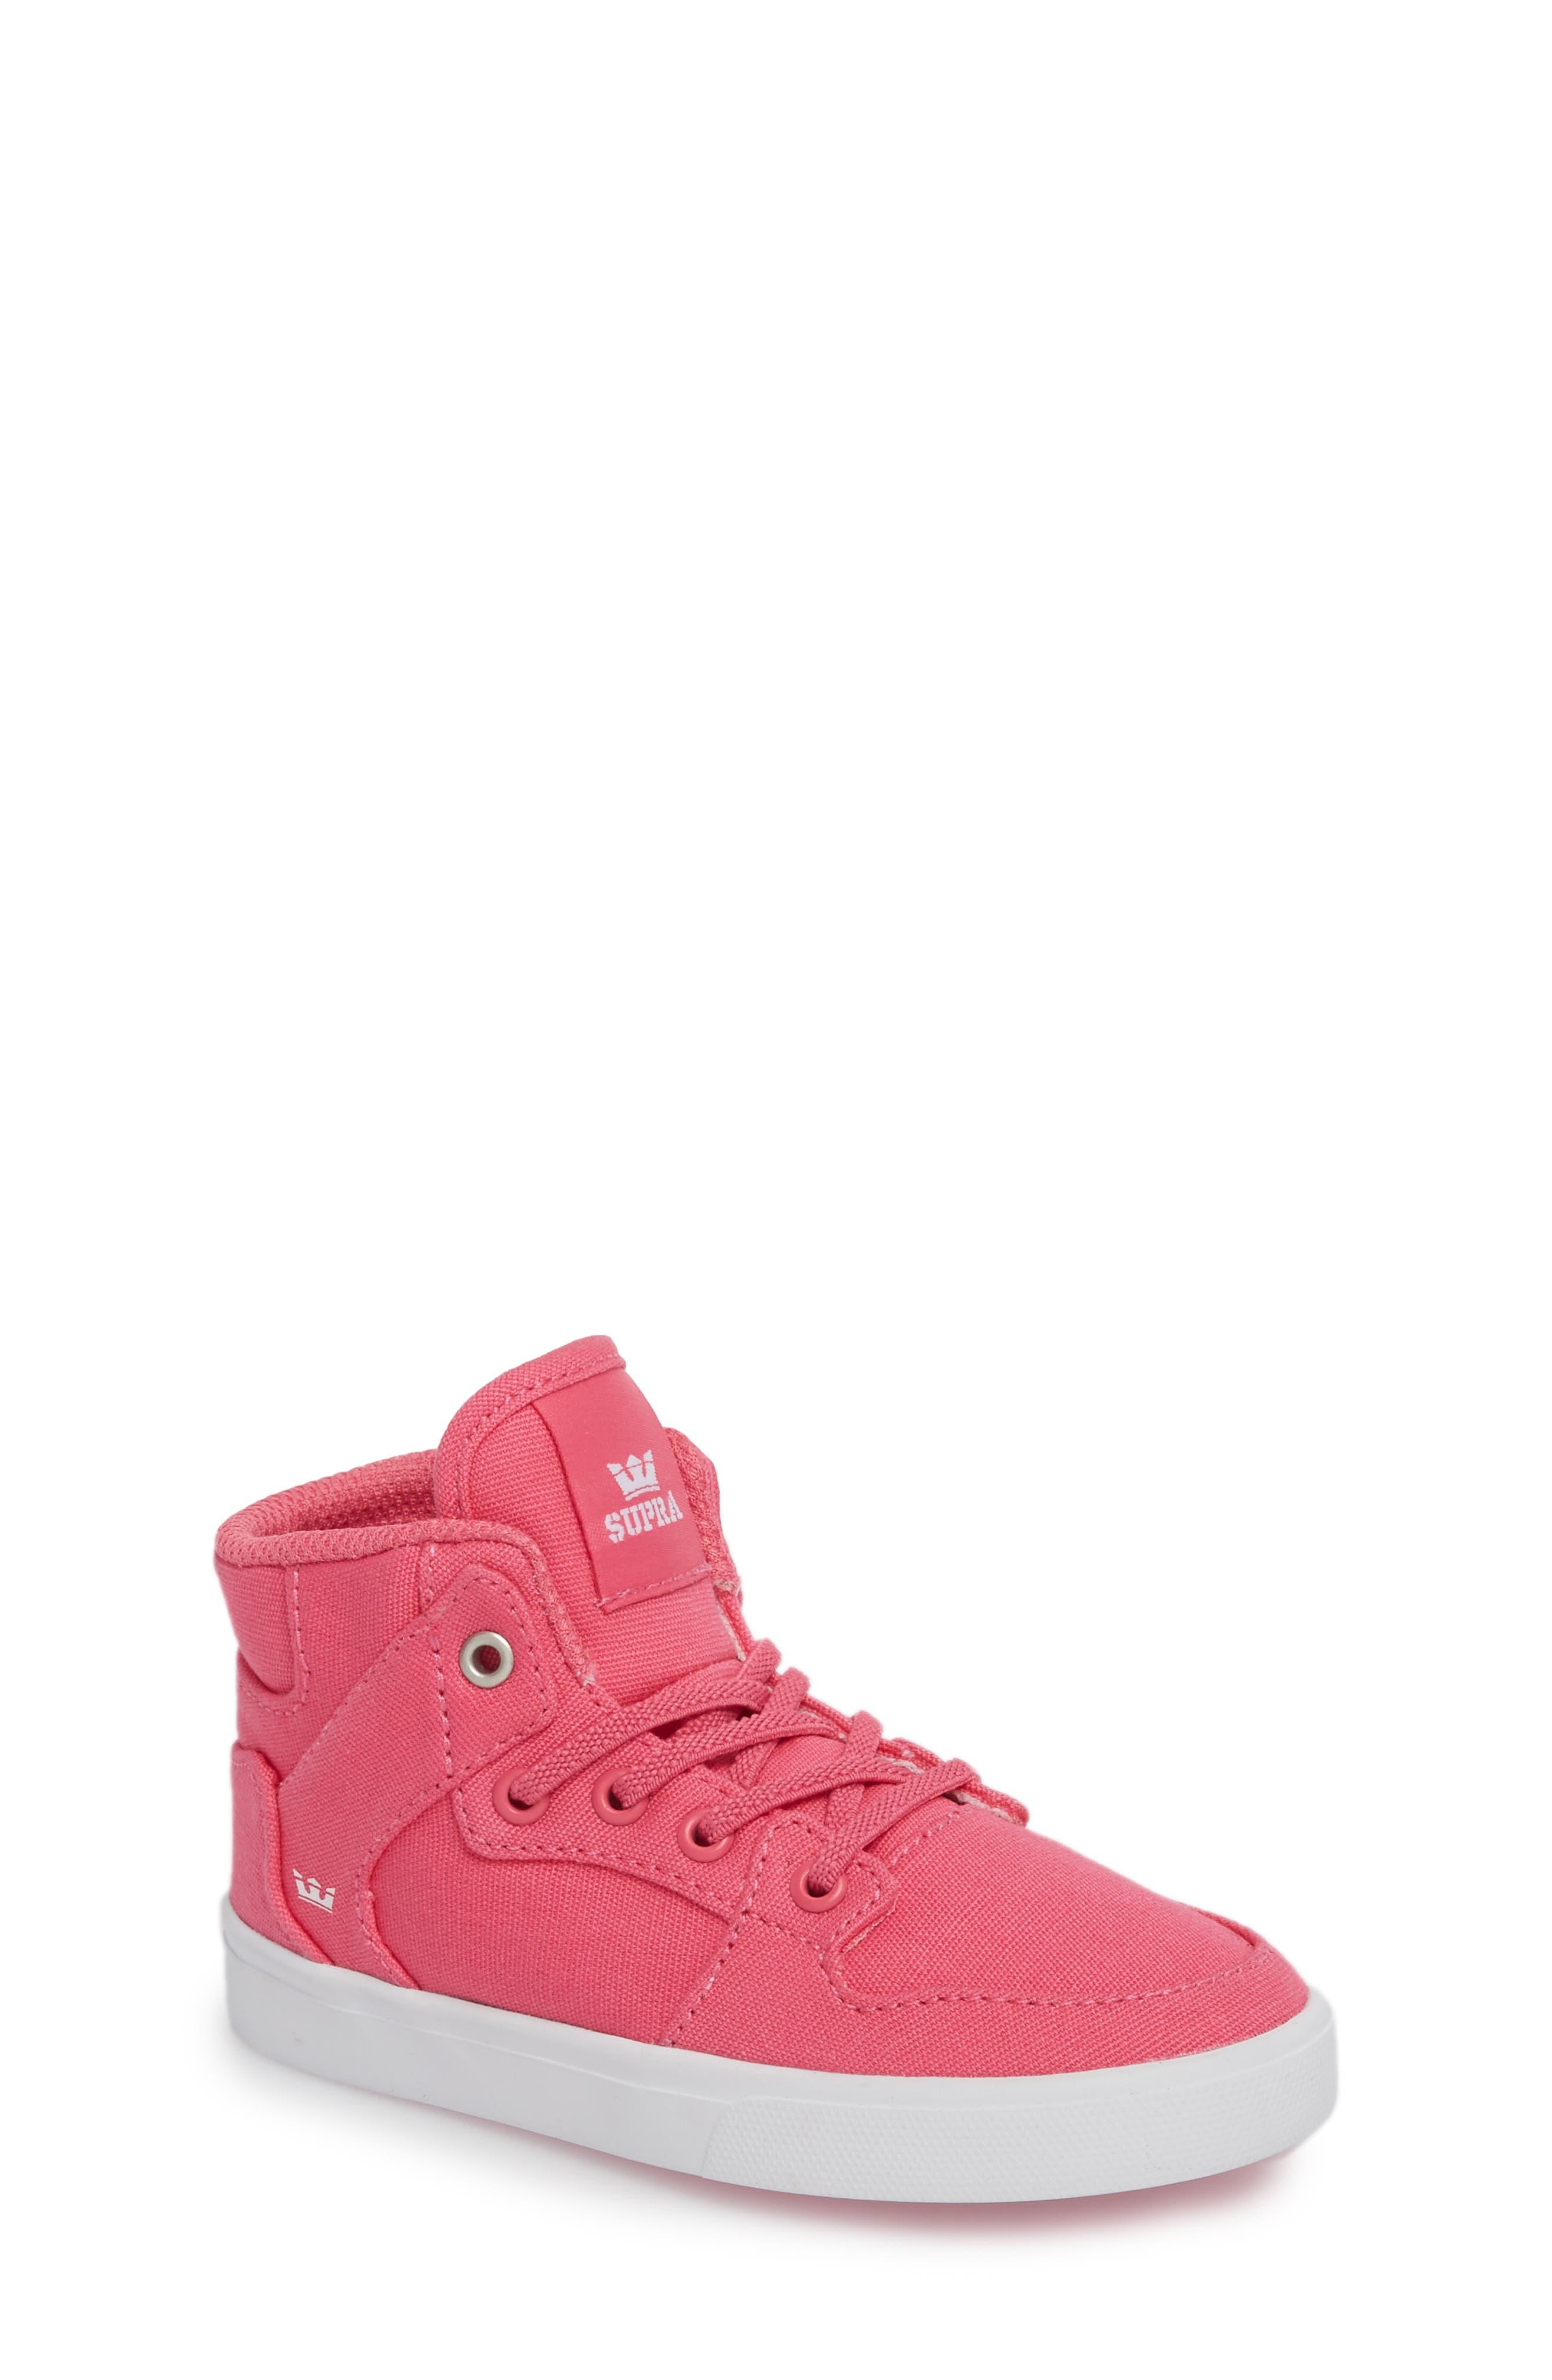 'Vaider' High Top Sneaker,                             Main thumbnail 1, color,                             Pink